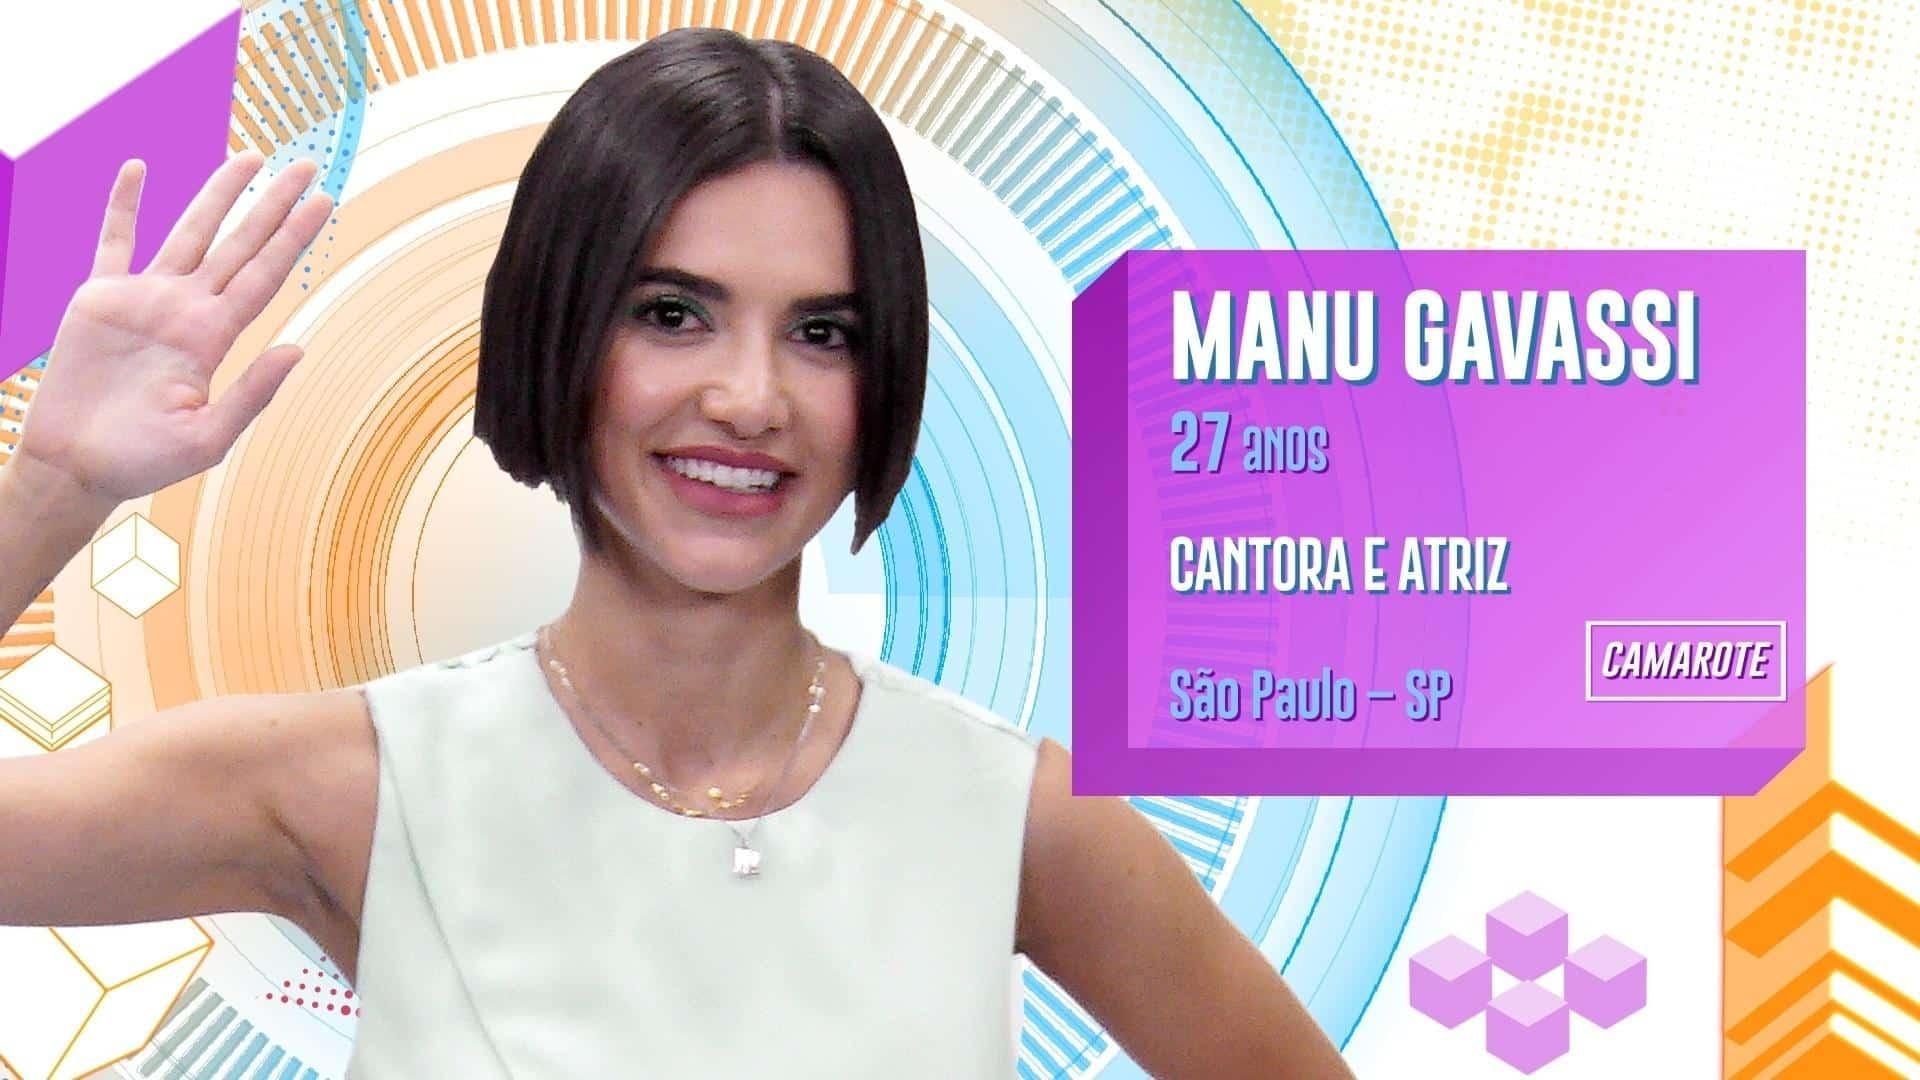 Manu Gavassi- Quem é, principais músicas, curiosidades e BBB 20